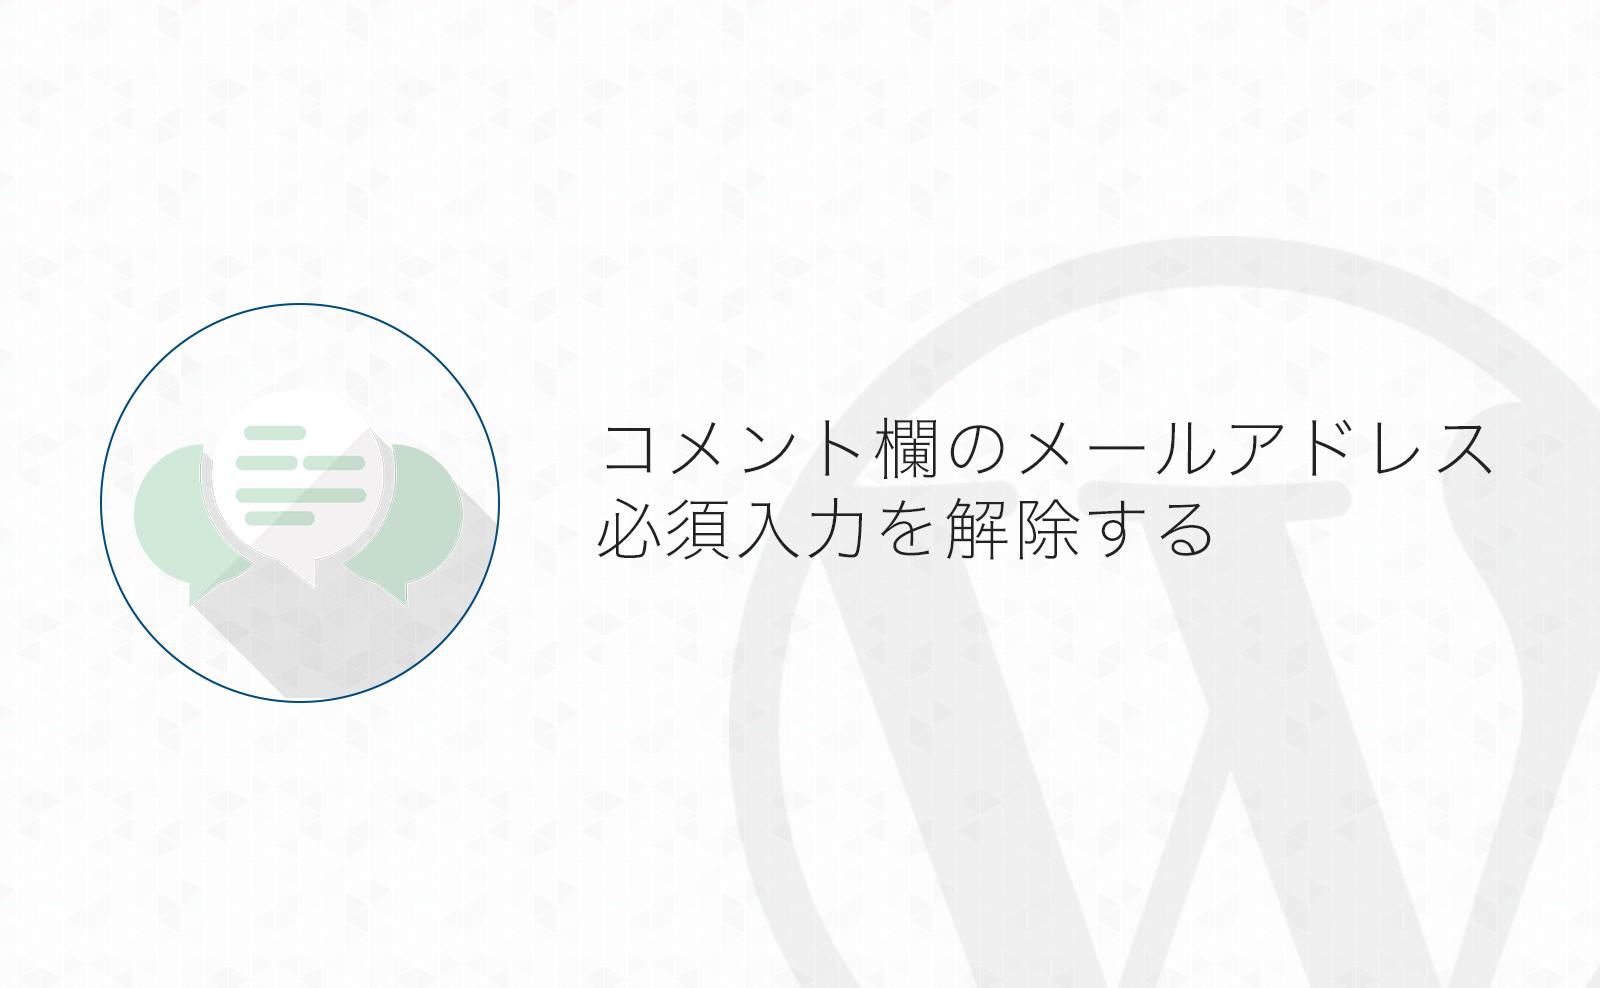 【WordPress】コメント欄のメールアドレスの必須入力を解除・任意入力にする方法